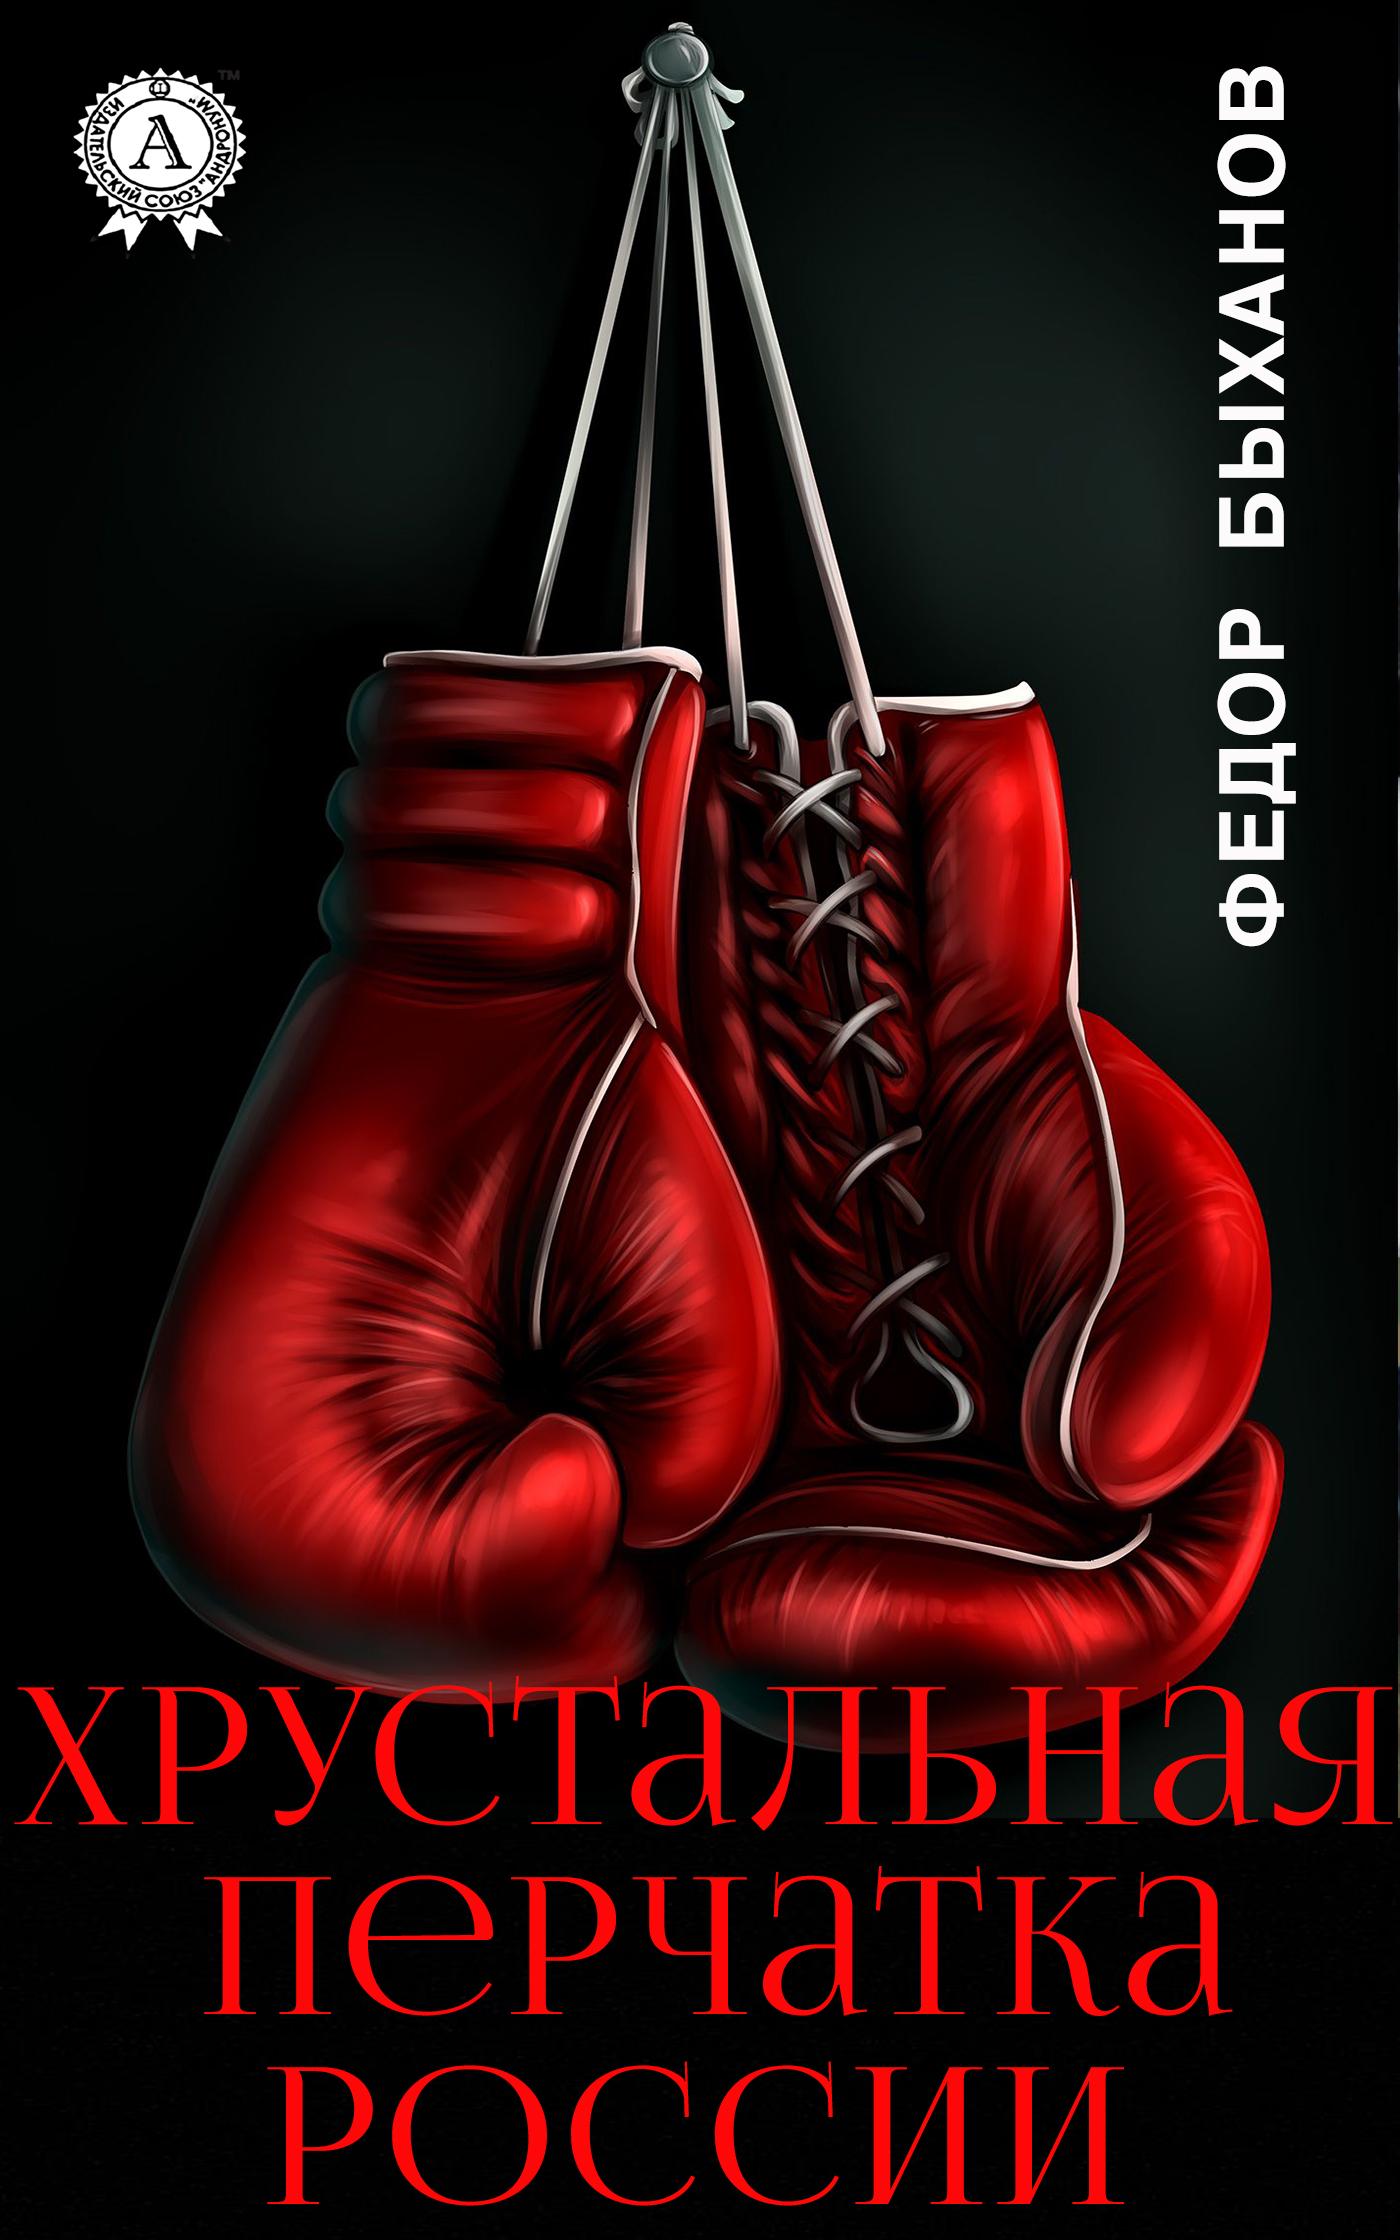 Хрустальная перчатка России